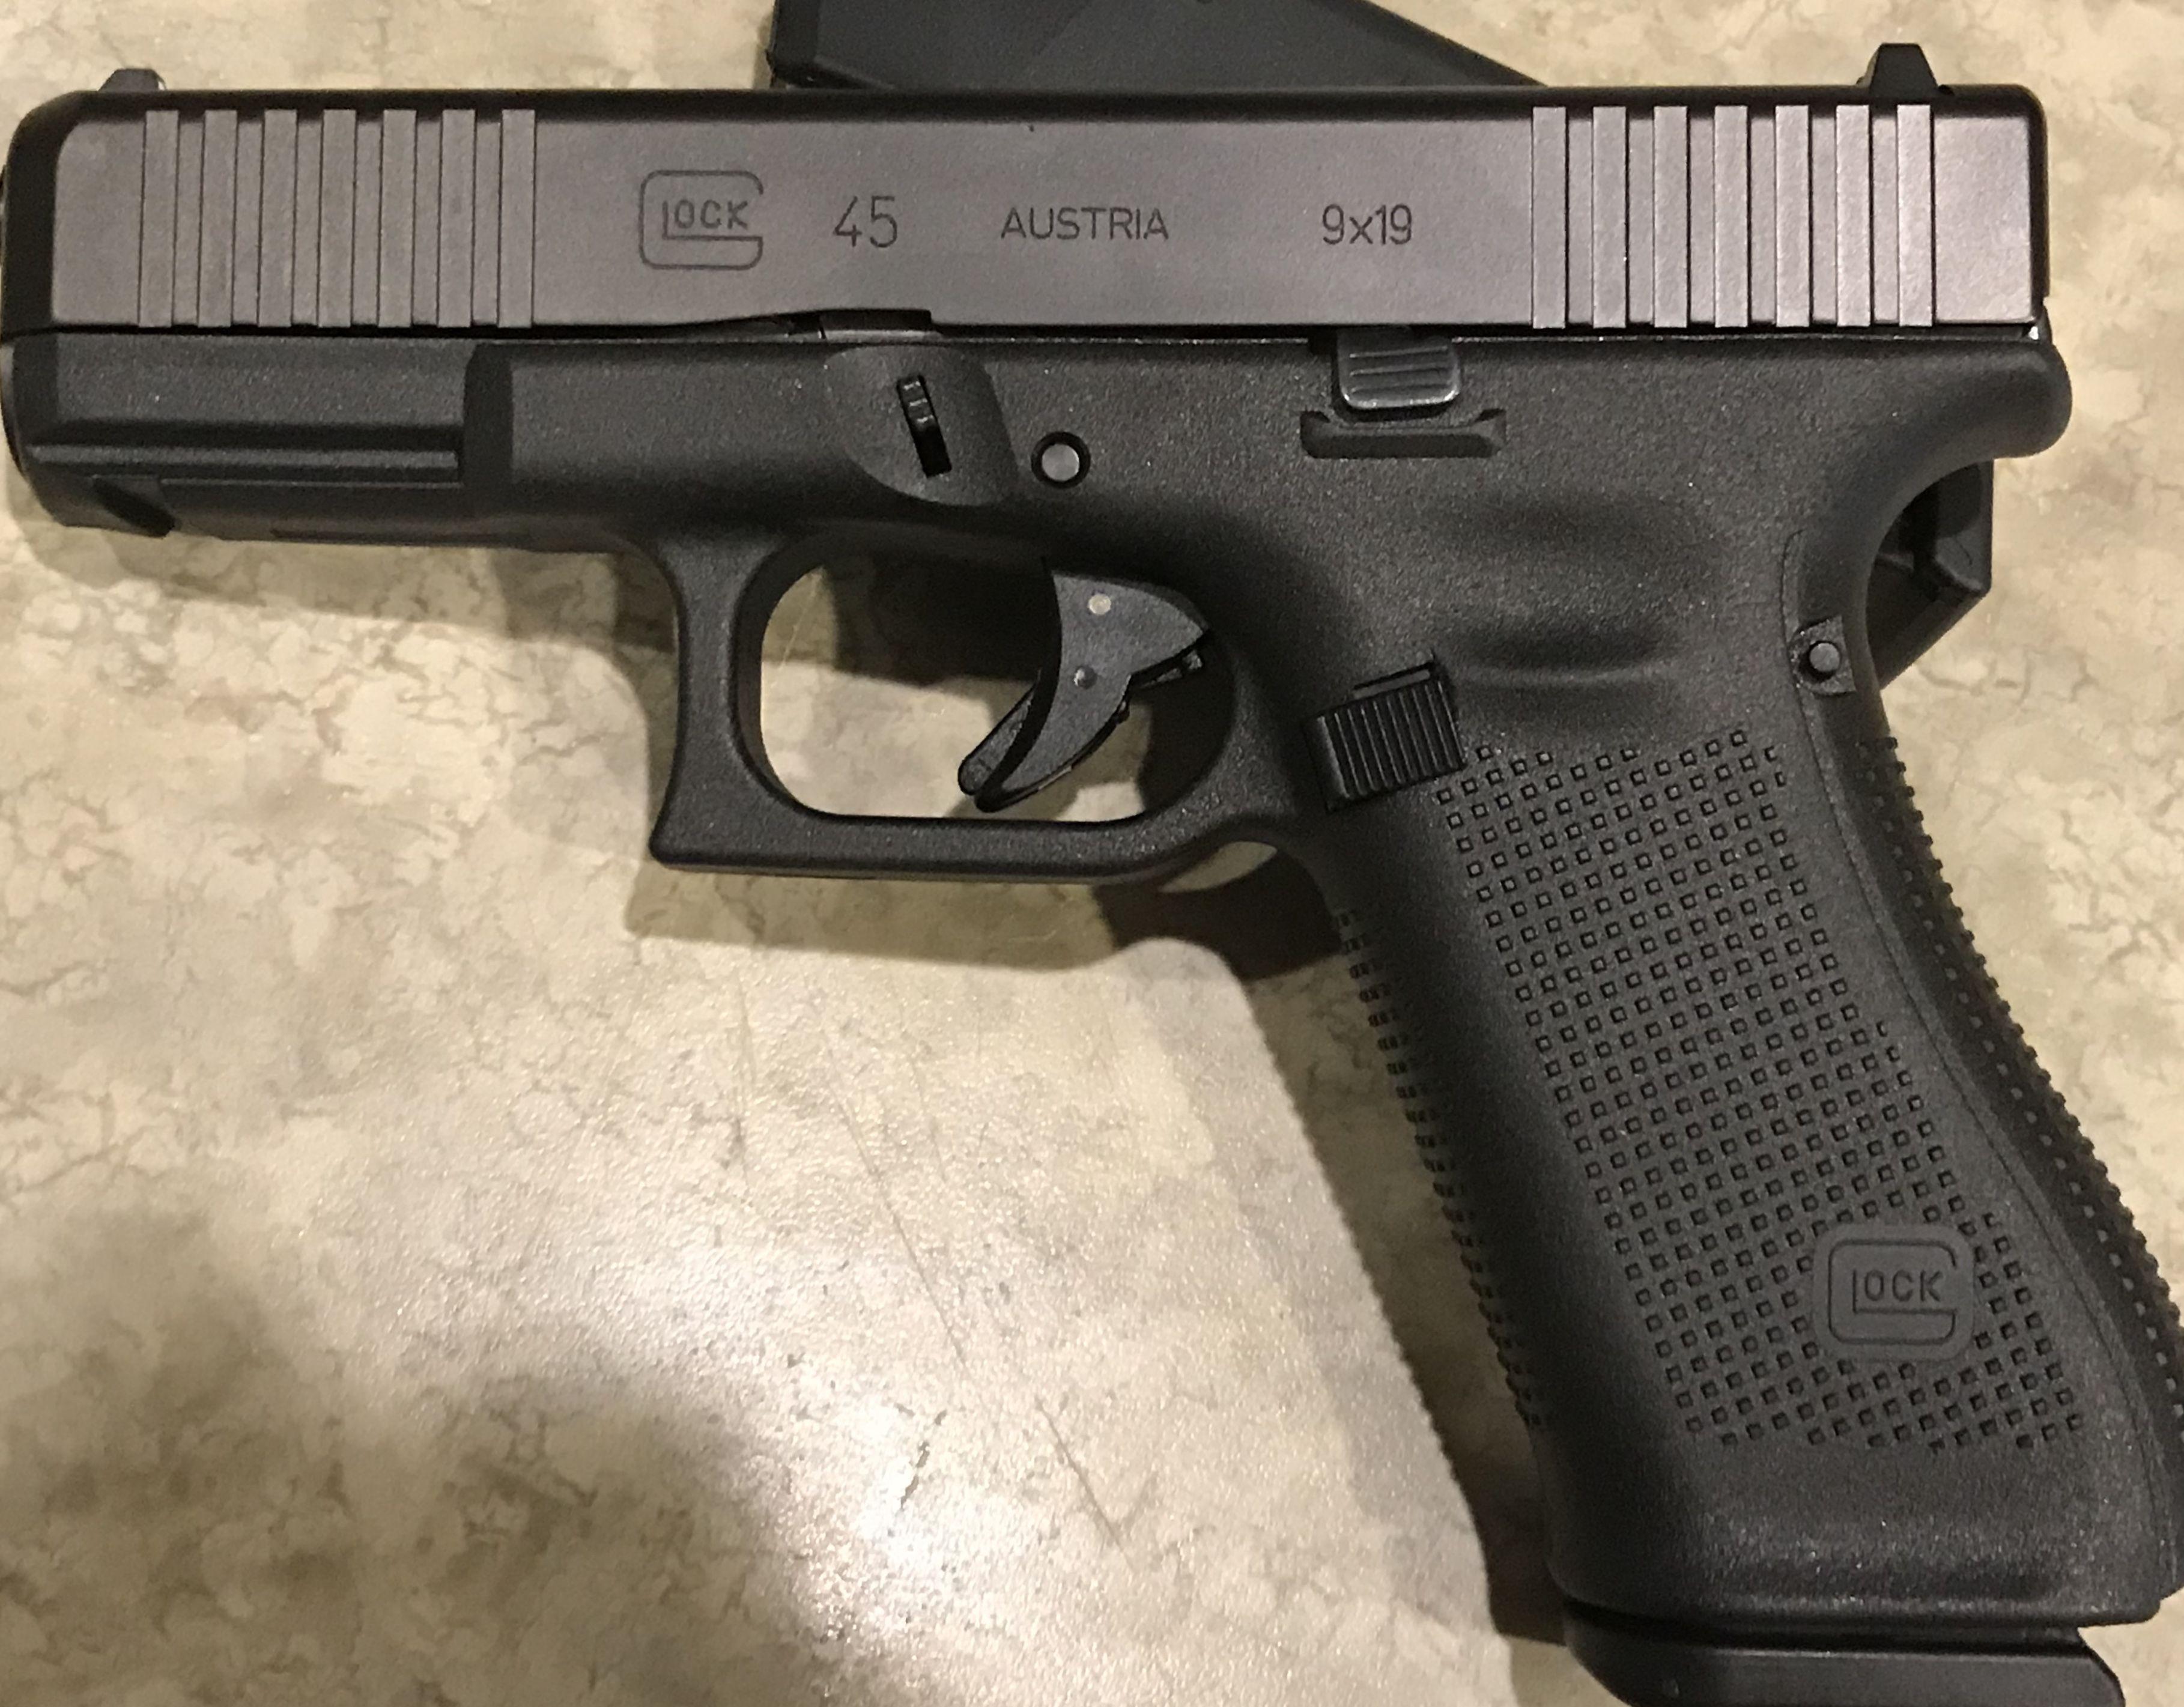 Glock 45, Gen 5 9x19mm | Glocks | Guns, ammo, Hand guns, Guns